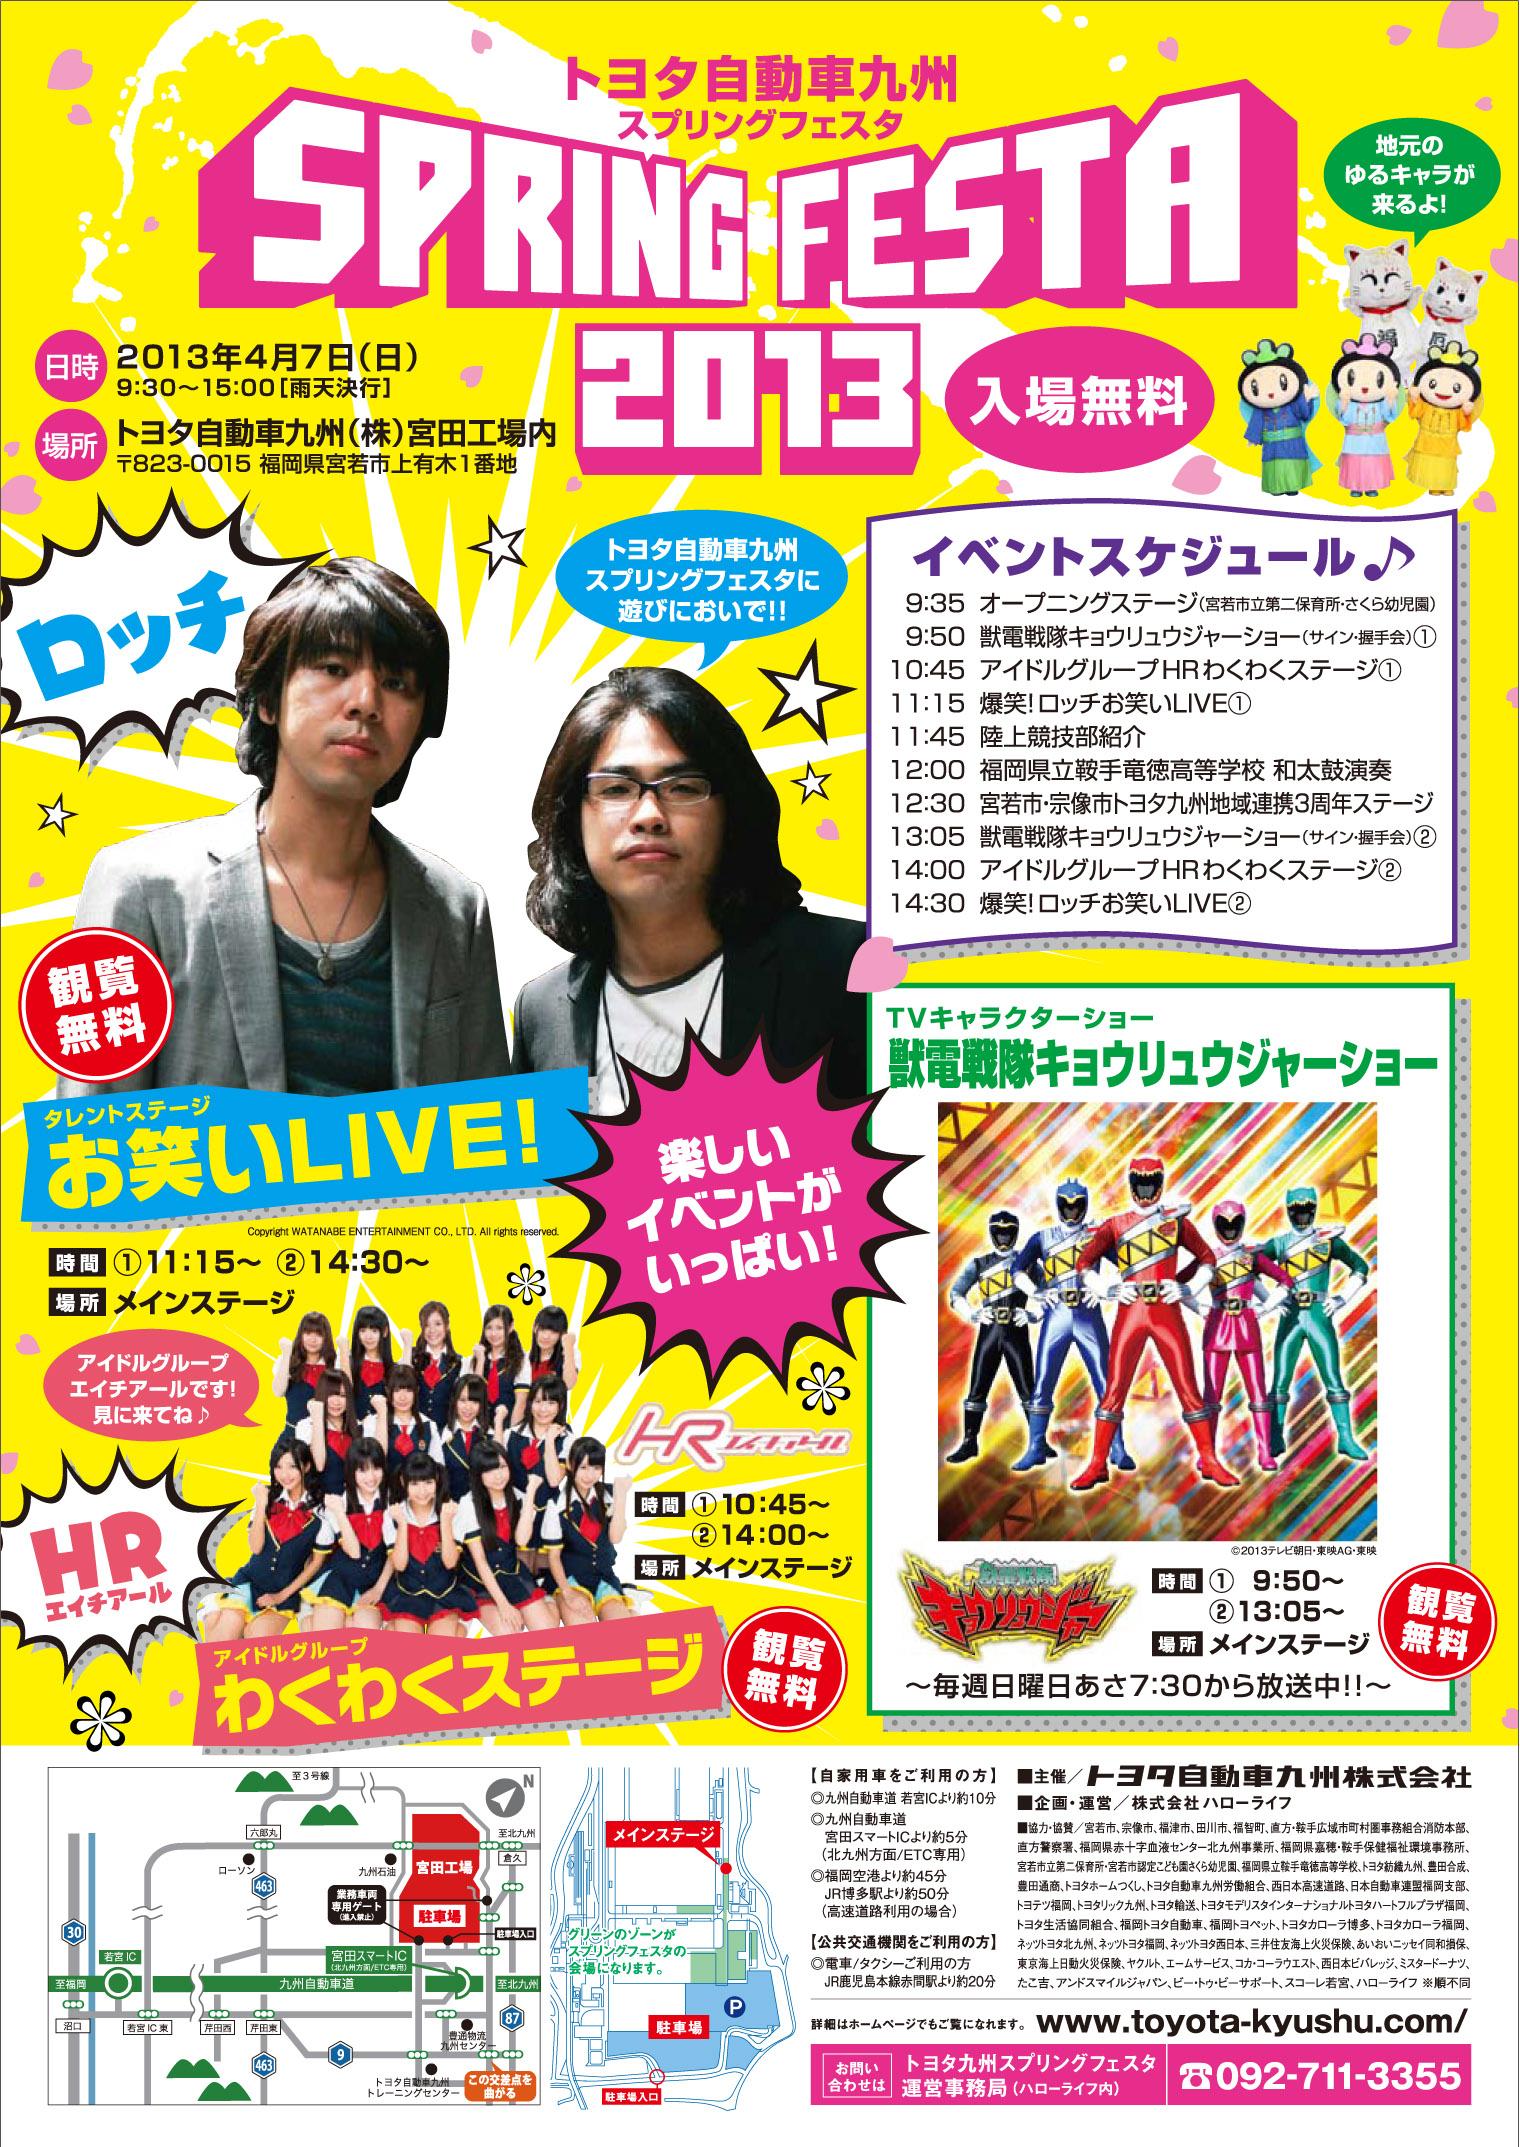 2013-B4-ƒIƒ'ƒe